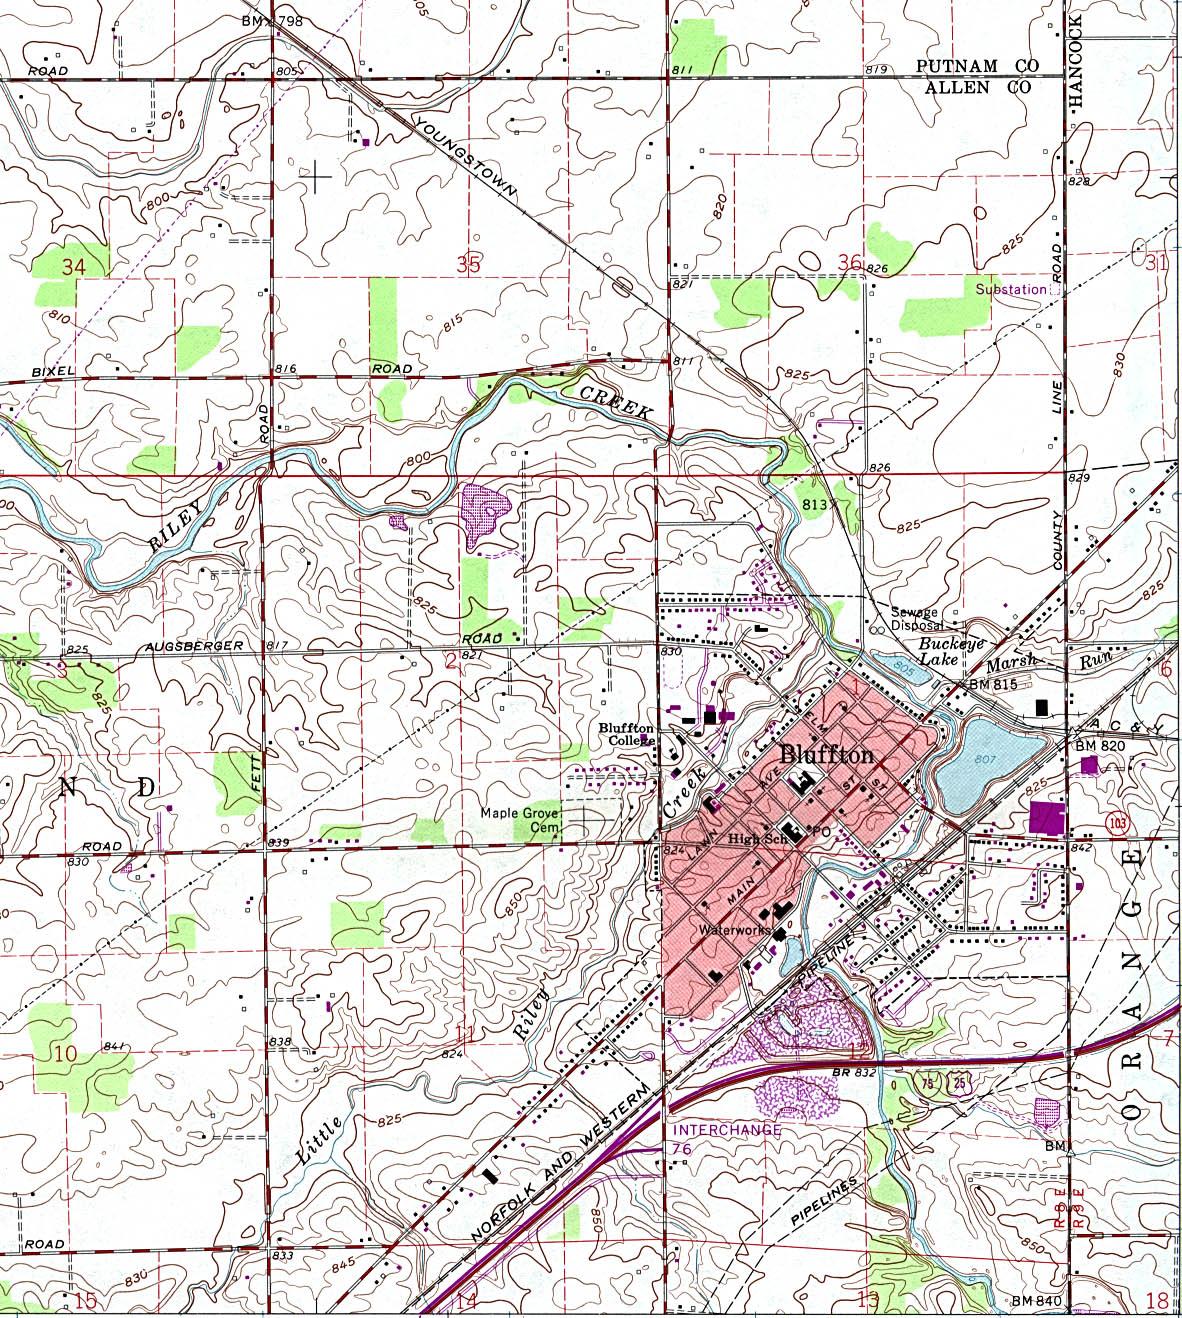 Mapa Topográfico de la Ciudad de Bluffton, Ohio, Estados Unidos